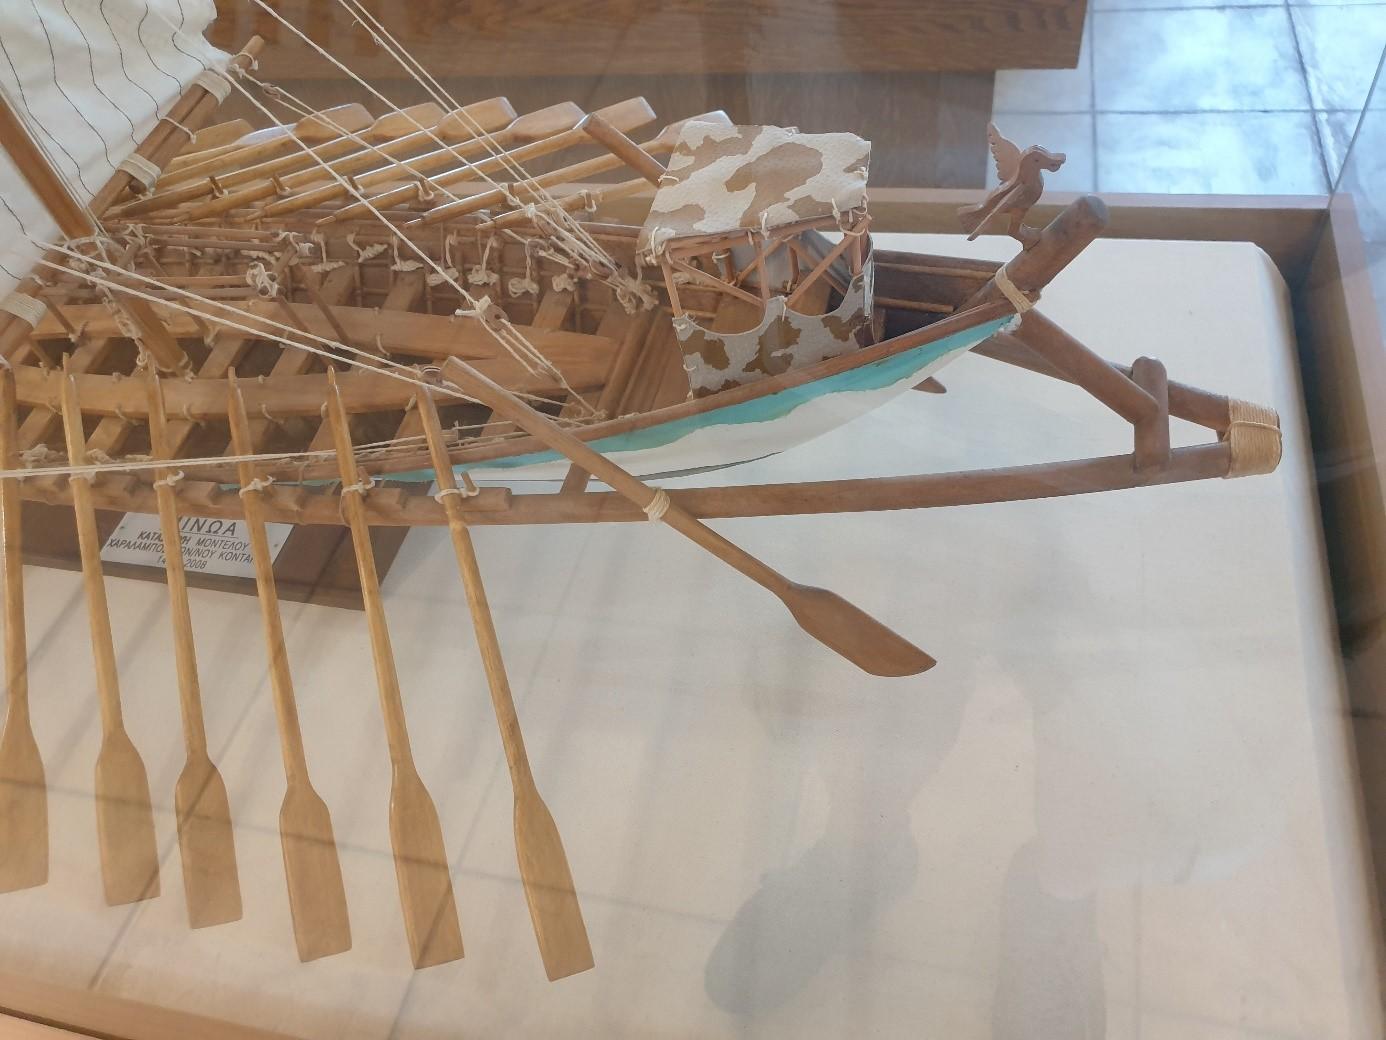 Scale model of the 'Minoa'